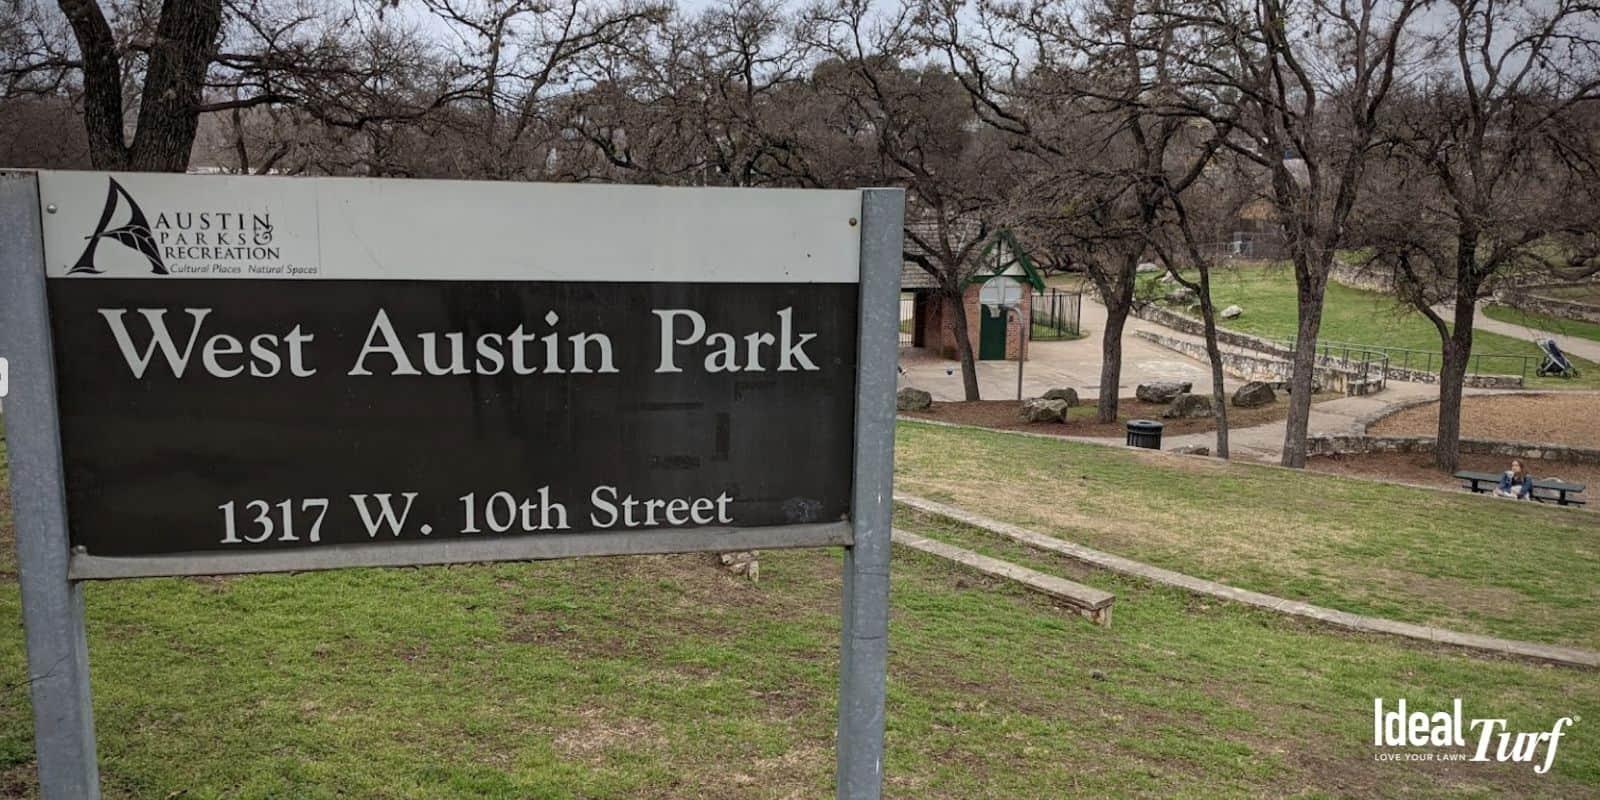 10. West Austin Park